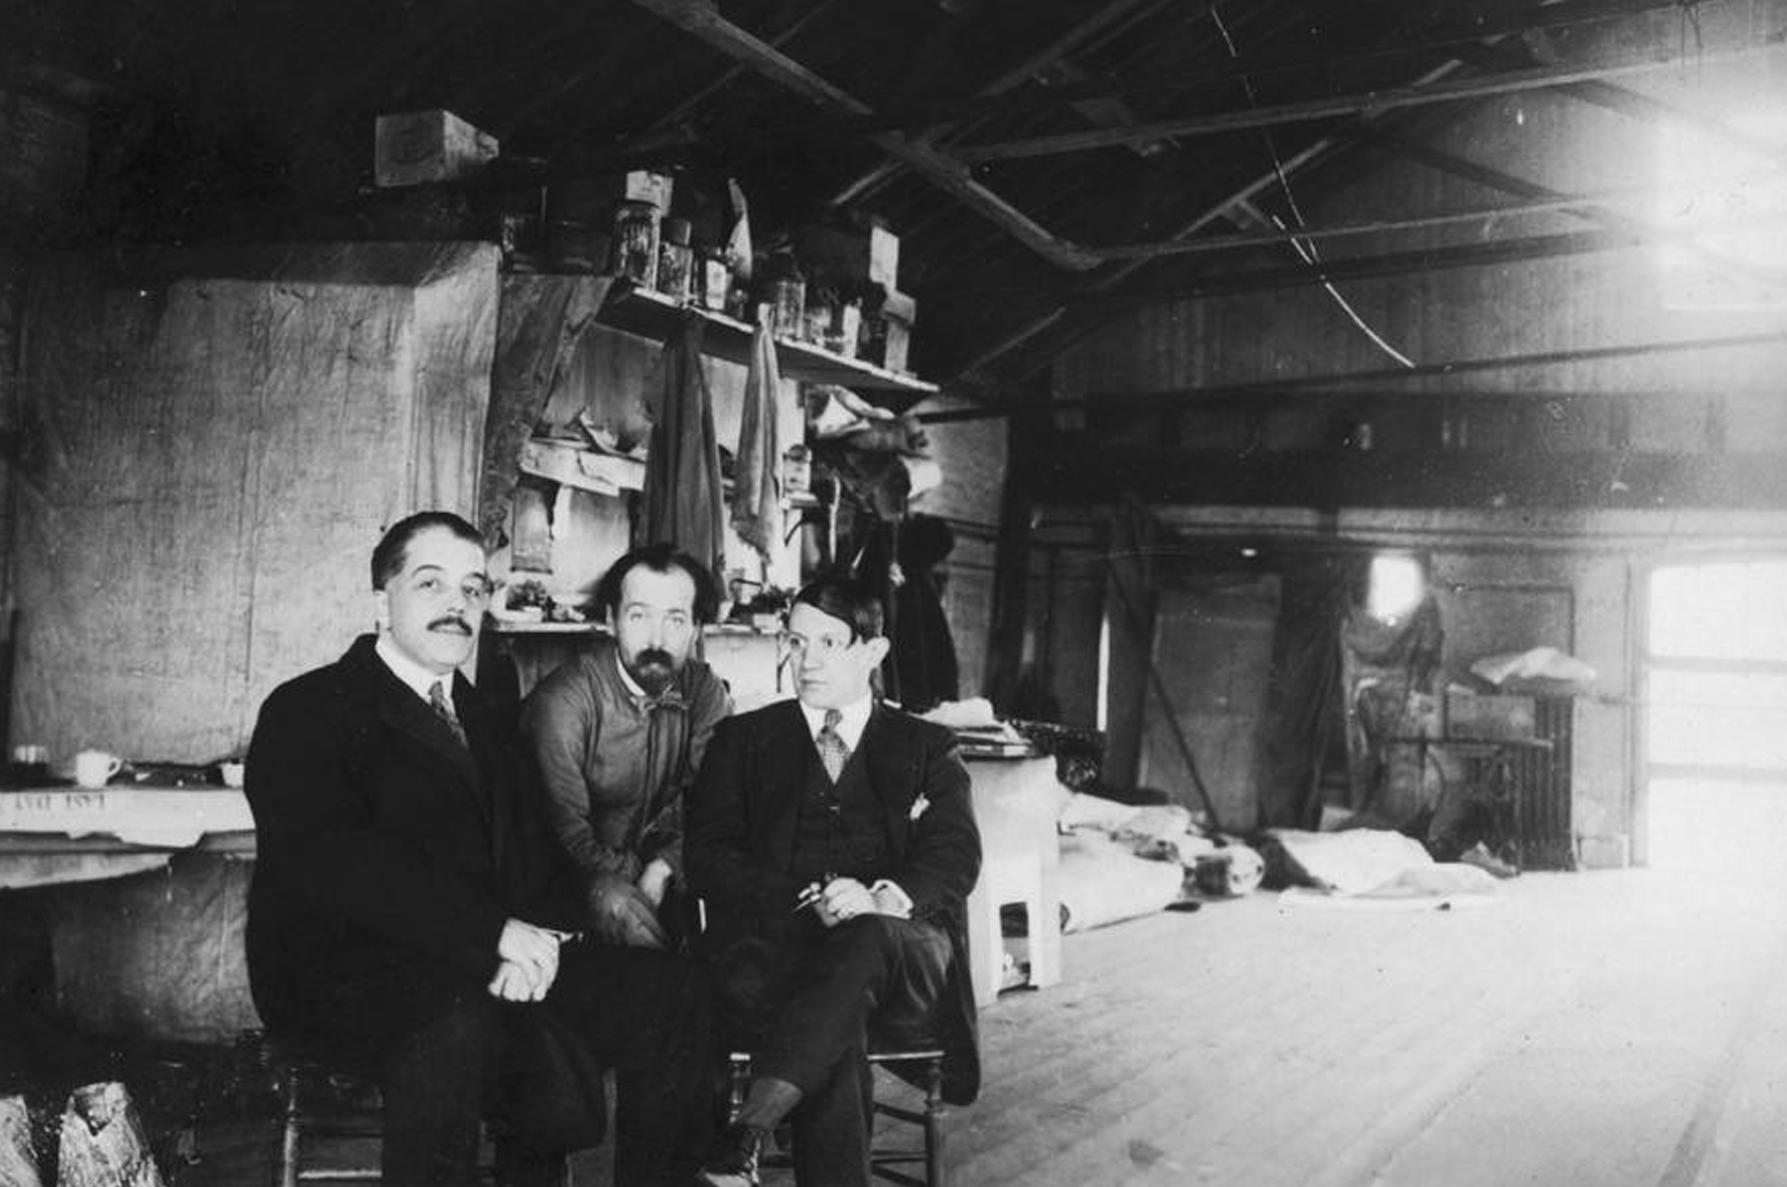 Мастерская Ковент-Гарден, Лондон, 1919. Дягилев, Полунин и Пикассо, автор эскизов балета «Треуголка».